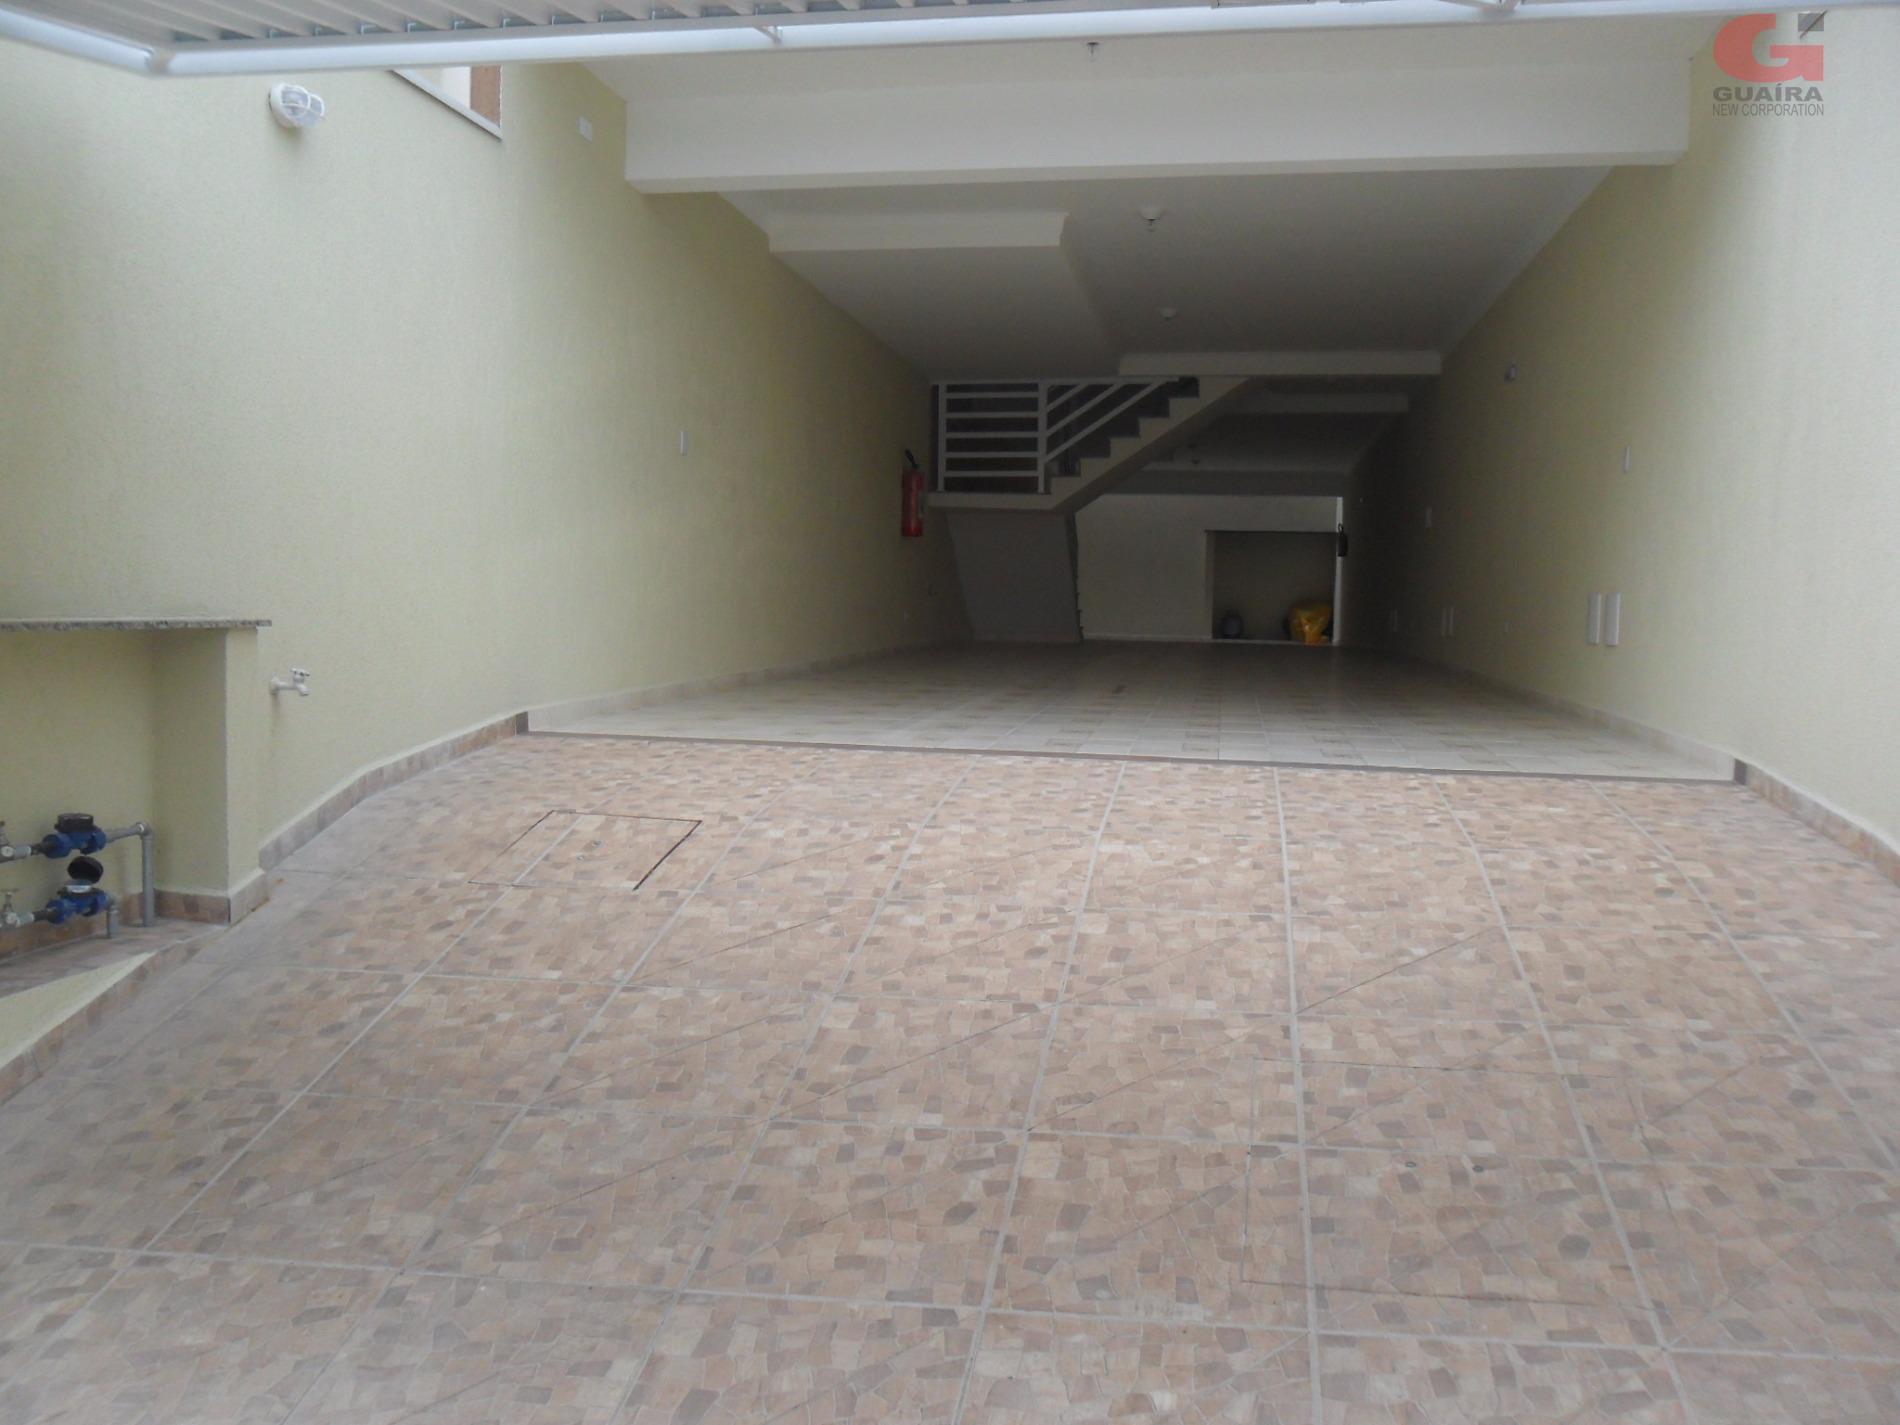 Cobertura de 2 dormitórios em Parque Erasmo Assunção, Santo André - SP